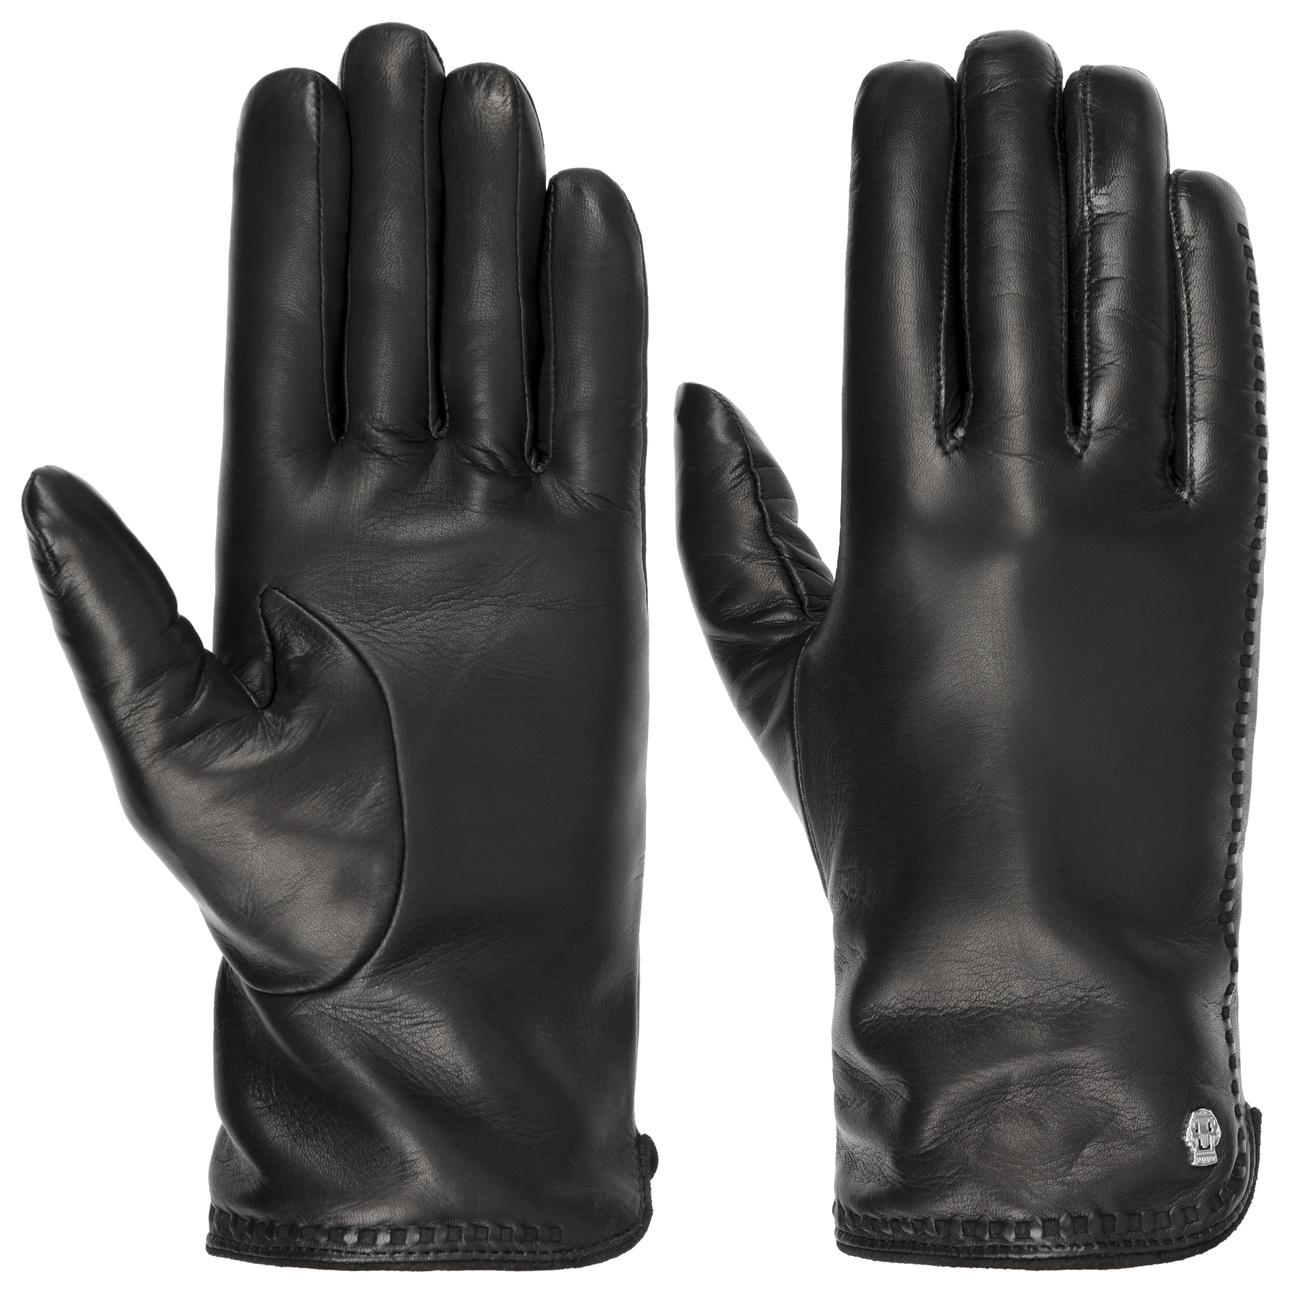 Guantes Cl?sicos de Piel by Roeckl  guantes de piel